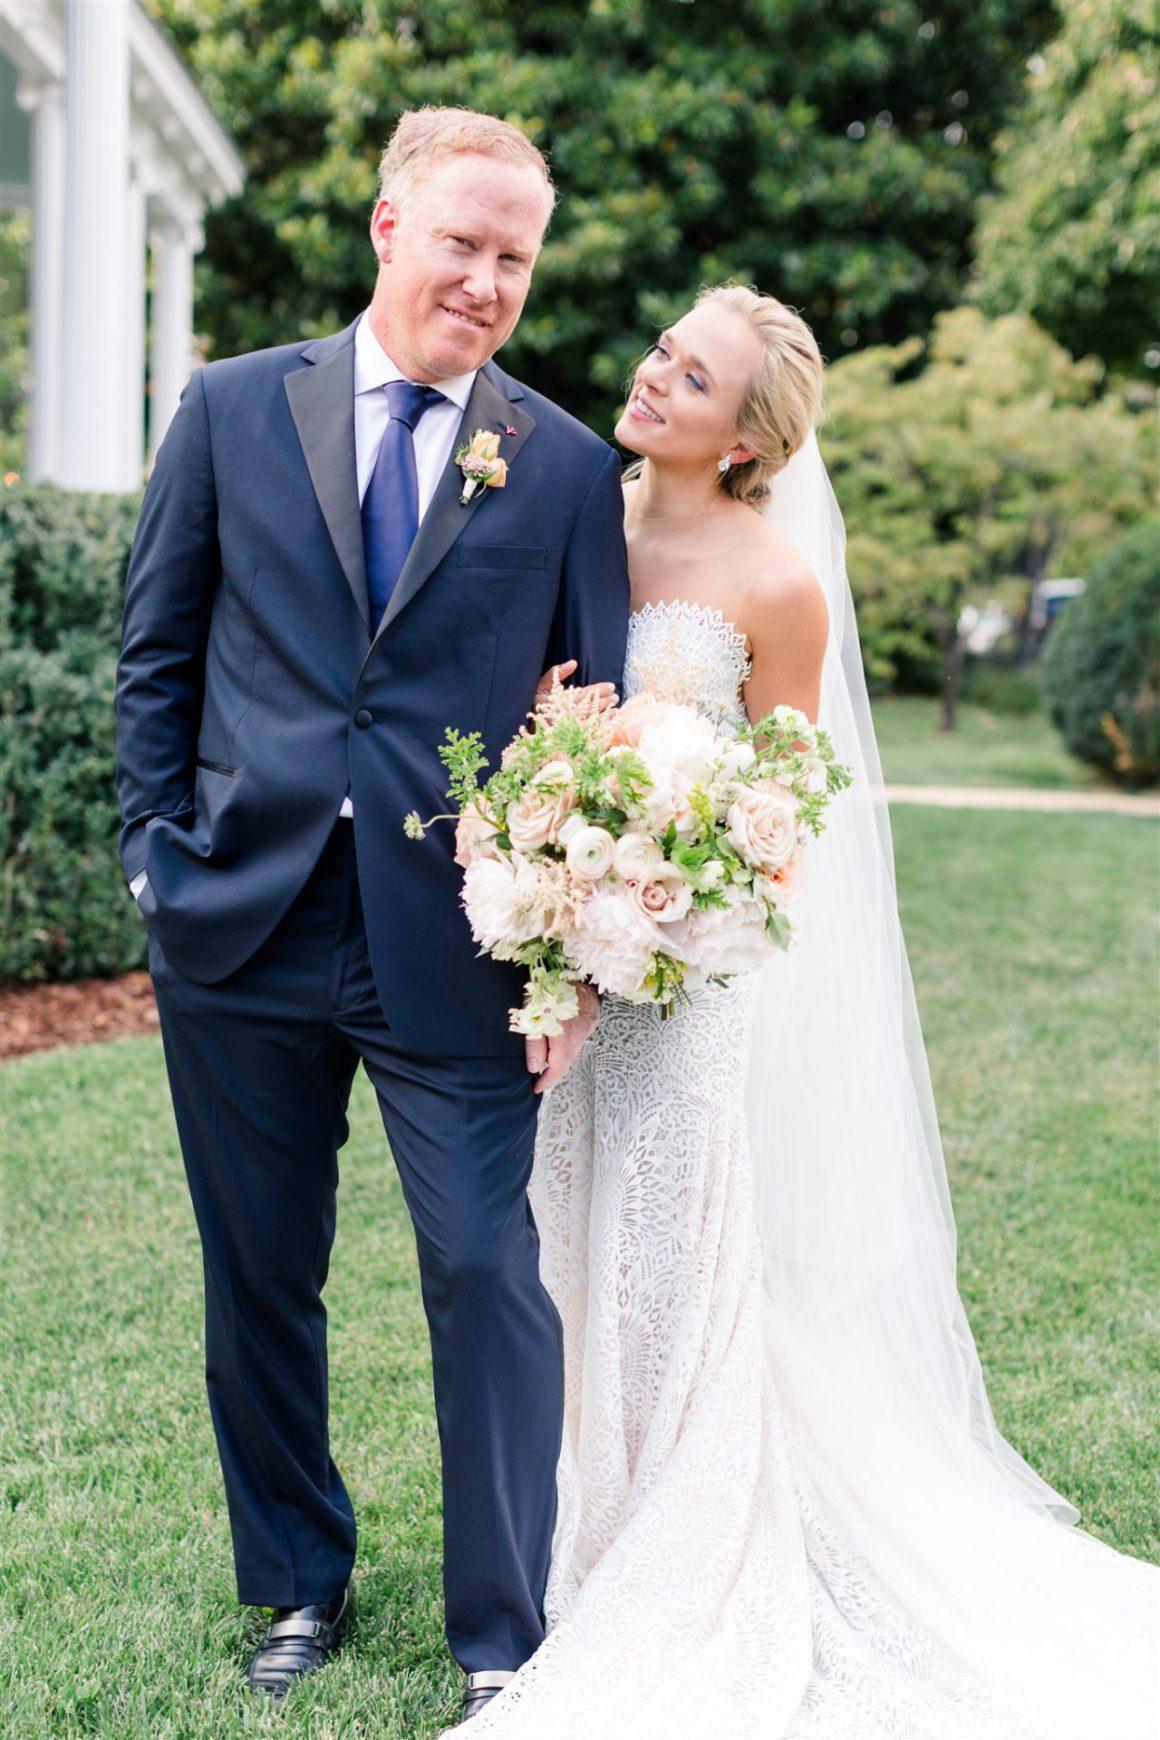 Midsummer Night's Dream Wedding in Huntsville, Alabama, USA